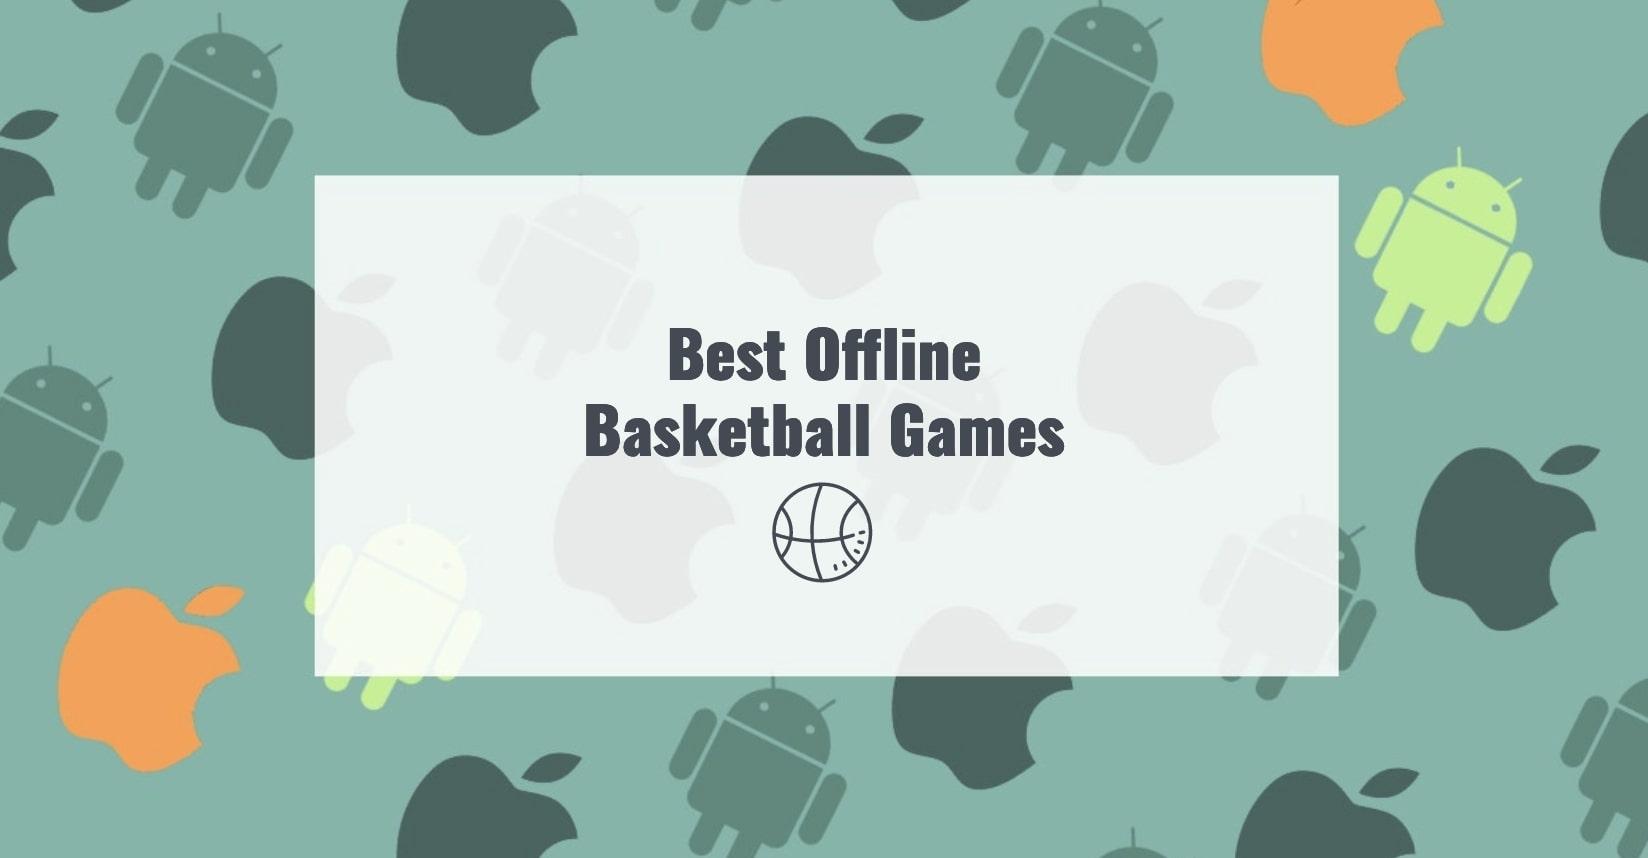 Best Offline Basketball Games